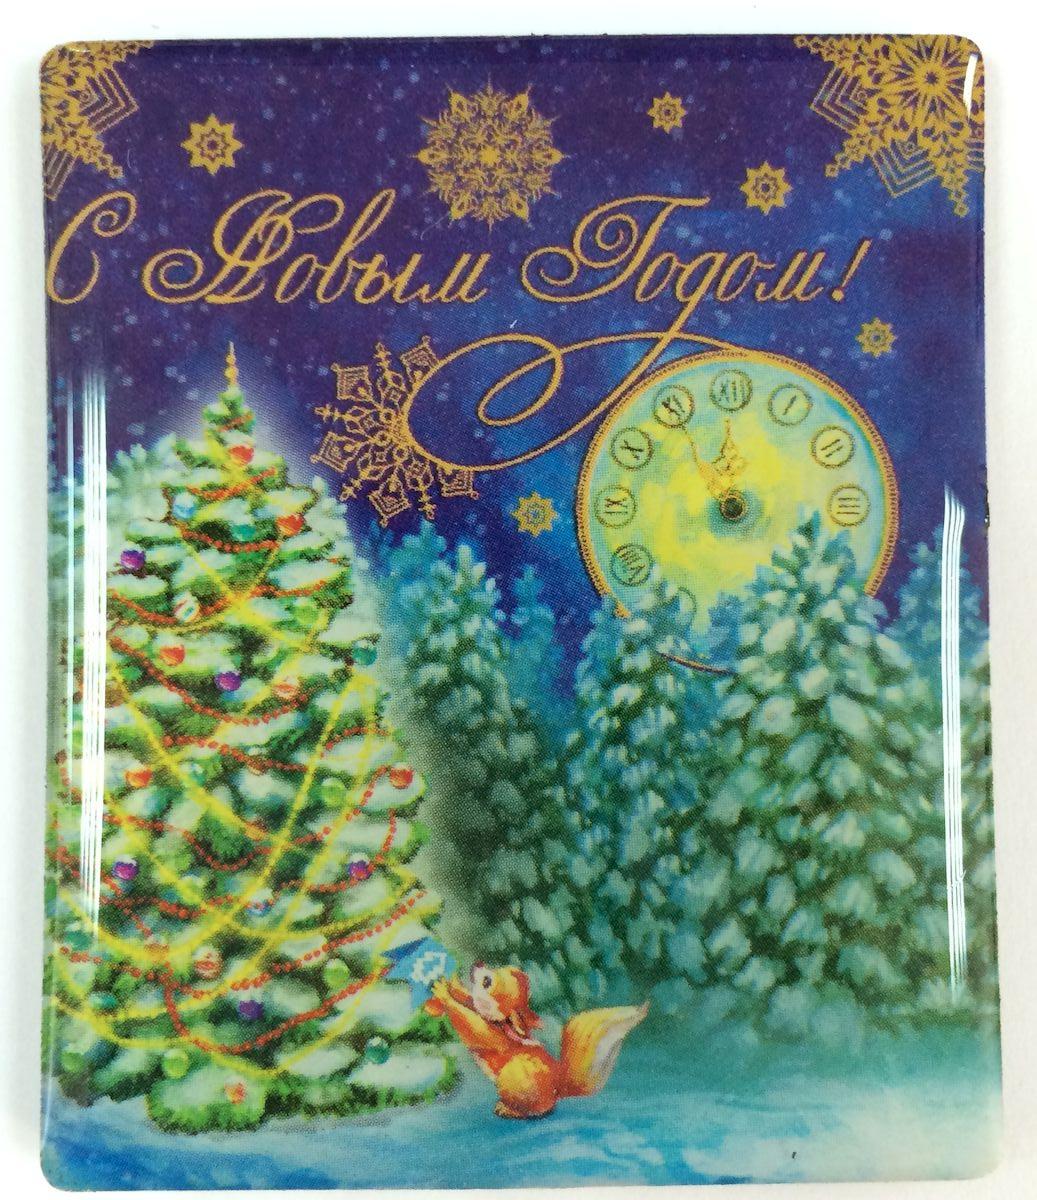 Магнит декоративный Magic Time Белочка в лесу, 6 х 5 см. 38371Брелок для ключейМагнит Magic Time Белочка в лесу, выполненный из агломерированного феррита, прекрасно подойдет в качестве сувенира к Новому году или станет приятным презентом в обычный день. Магнит - одно из самых простых, недорогих и при этом оригинальных украшений интерьера. Он поможет вам украсить не только холодильник, но и любую другую магнитную поверхность.Материал: агломерированный феррит.